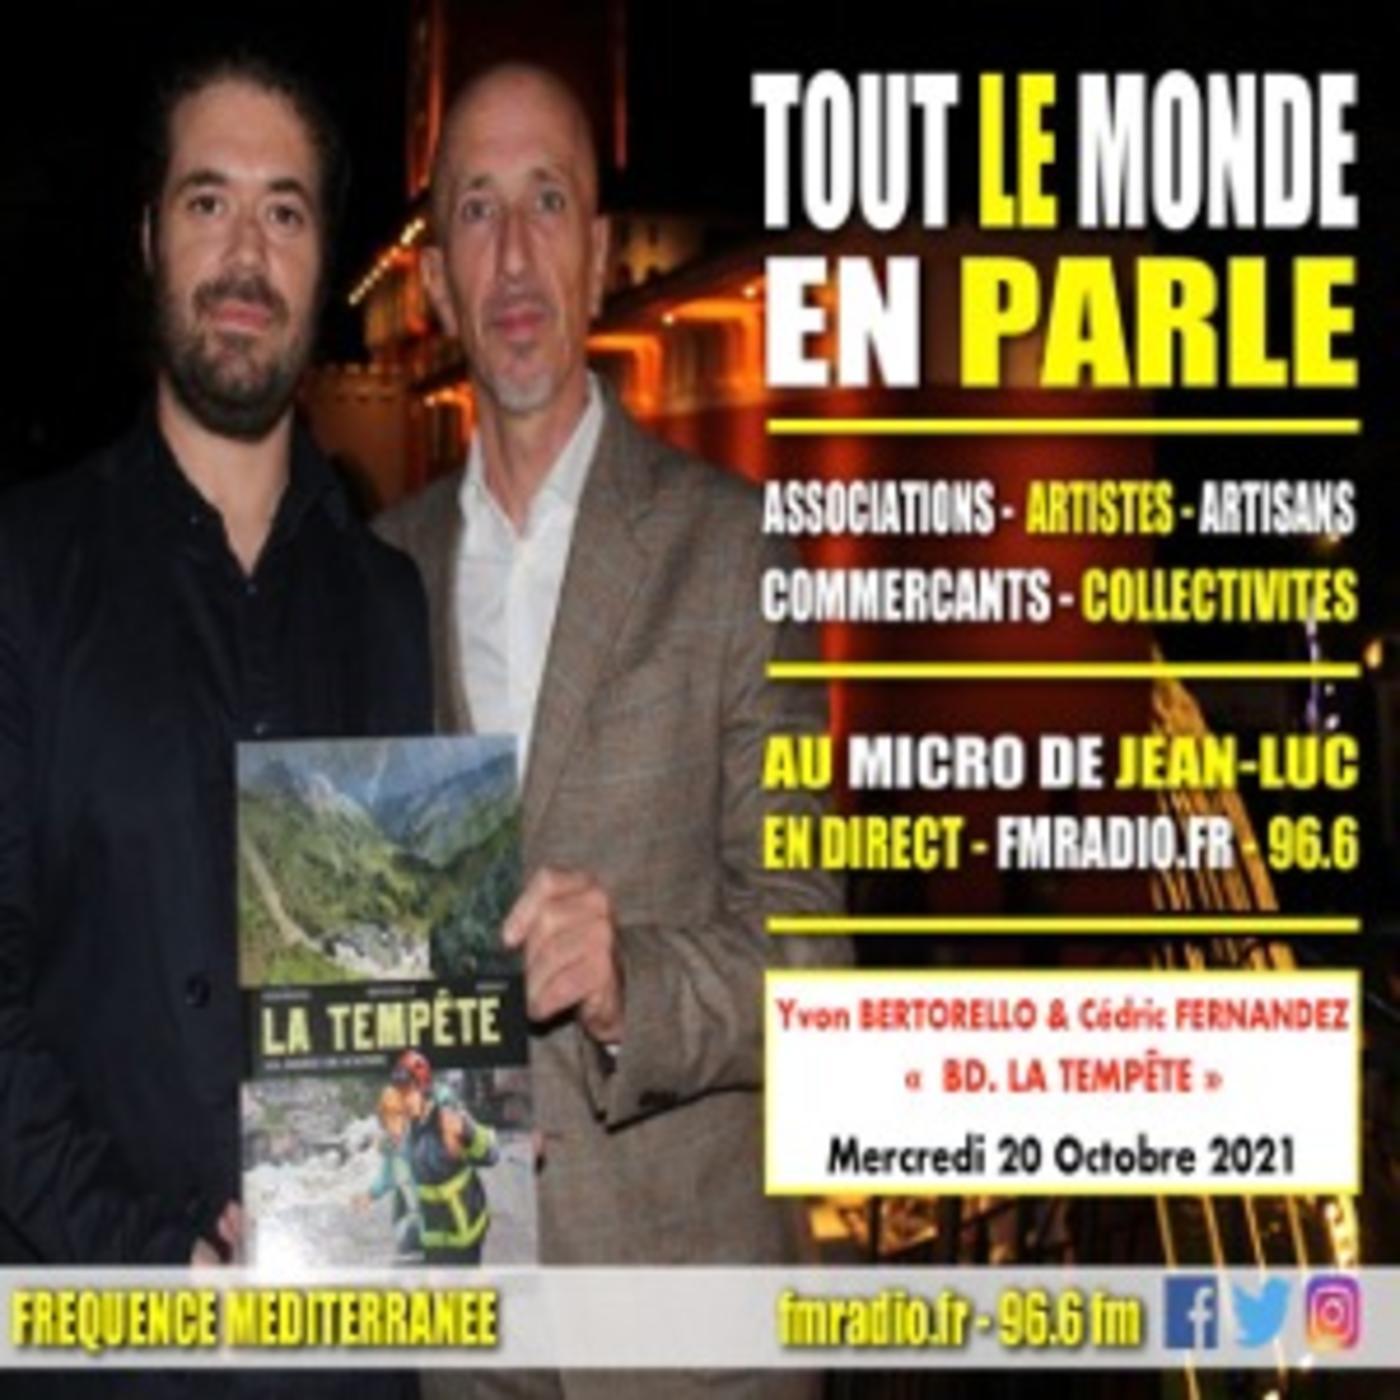 Interview - Yvon Bertorello & Cédric Fernandez